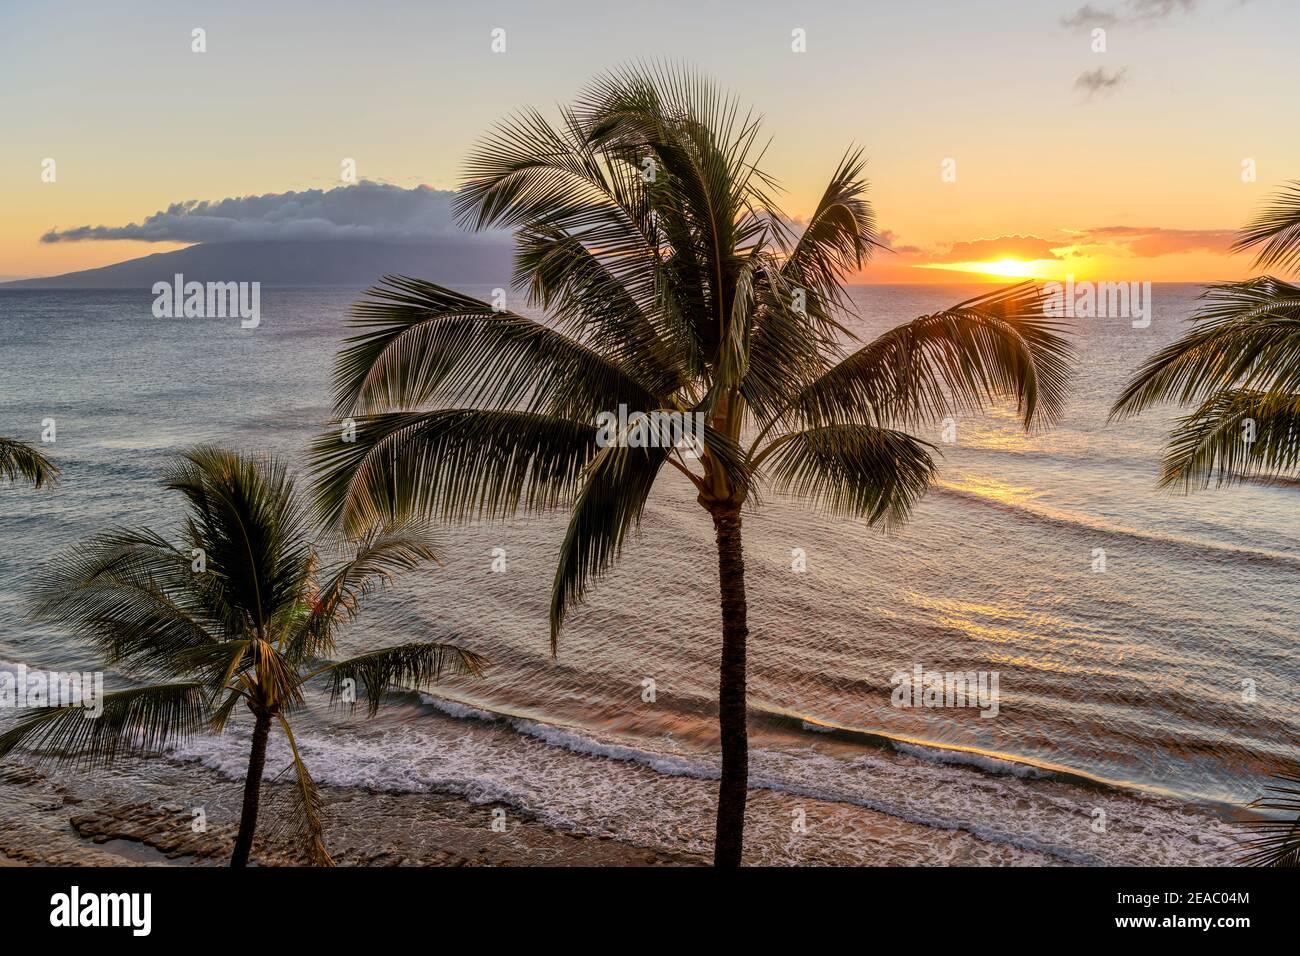 Sunset Island - UN colorato tramonto sulla costa nord-occidentale dell'isola di Maui, con l'isola di Lanai all'orizzonte. Maui, Hawaii, Stati Uniti. Foto Stock